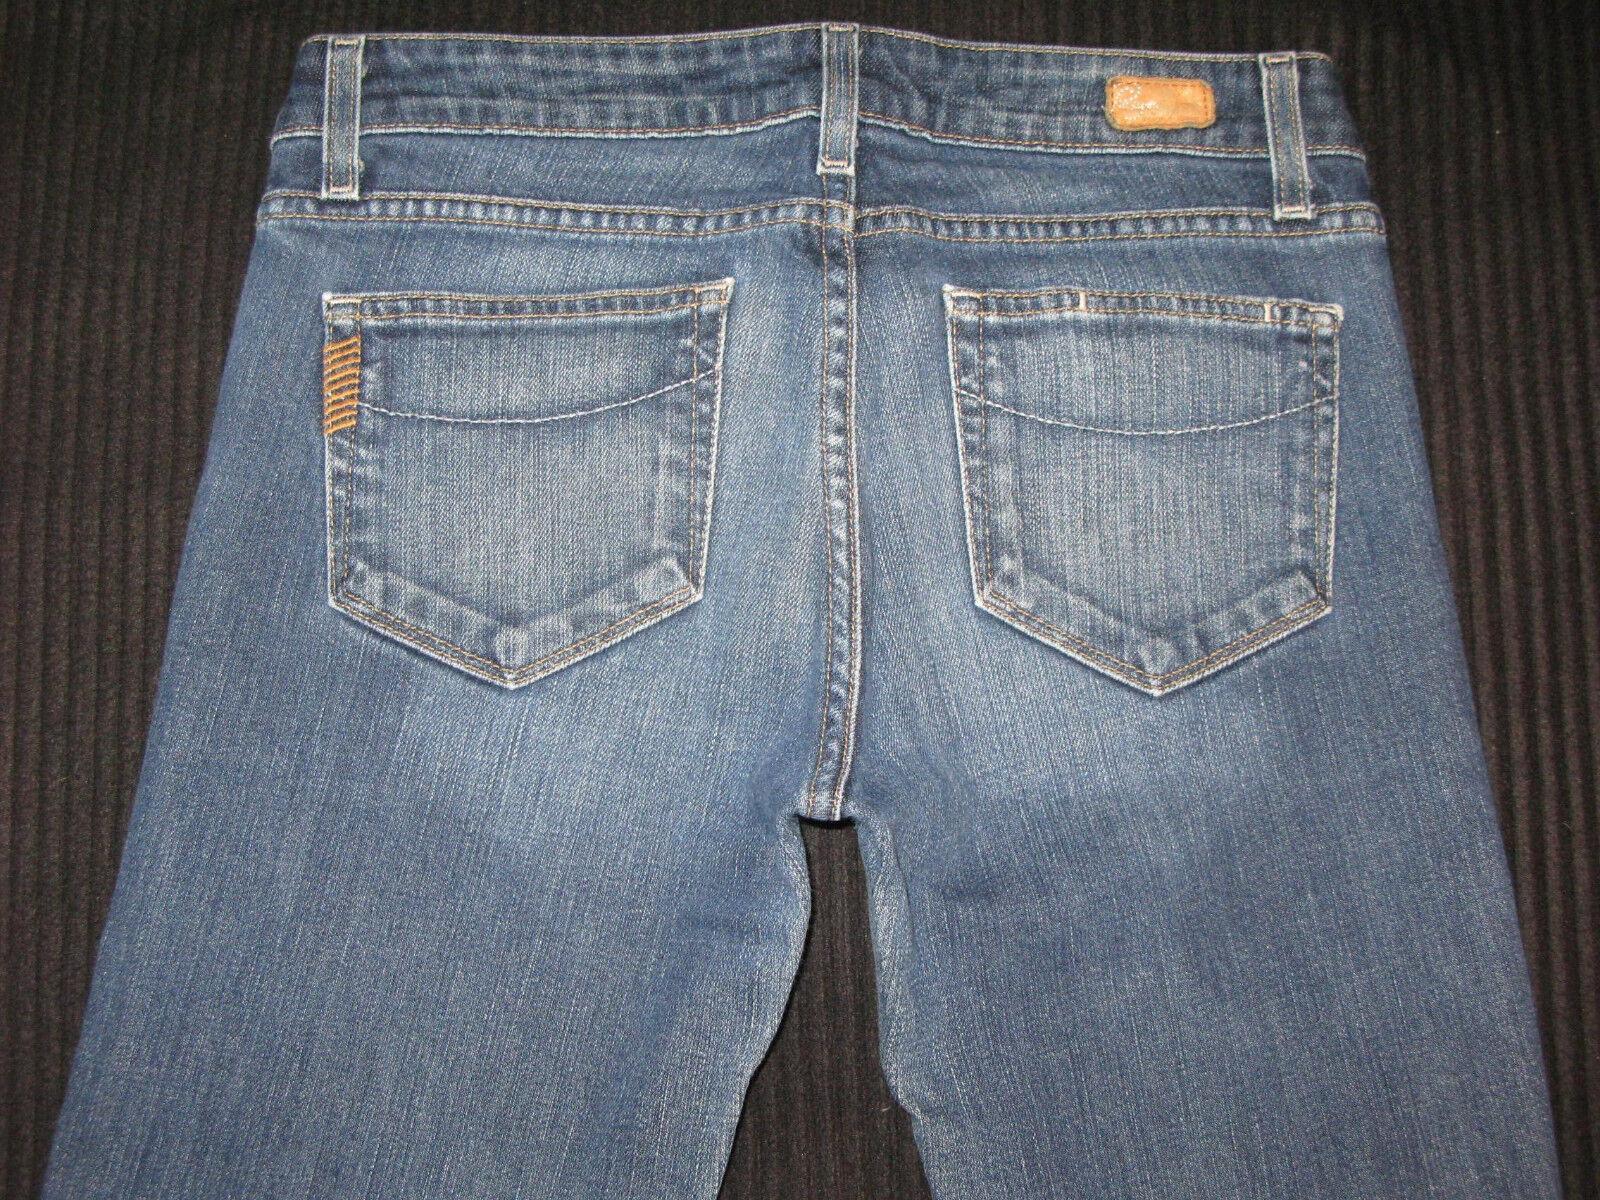 Paige Premium Jeans Melpink Classic Rise Straight Leg Sz 28  MSRP